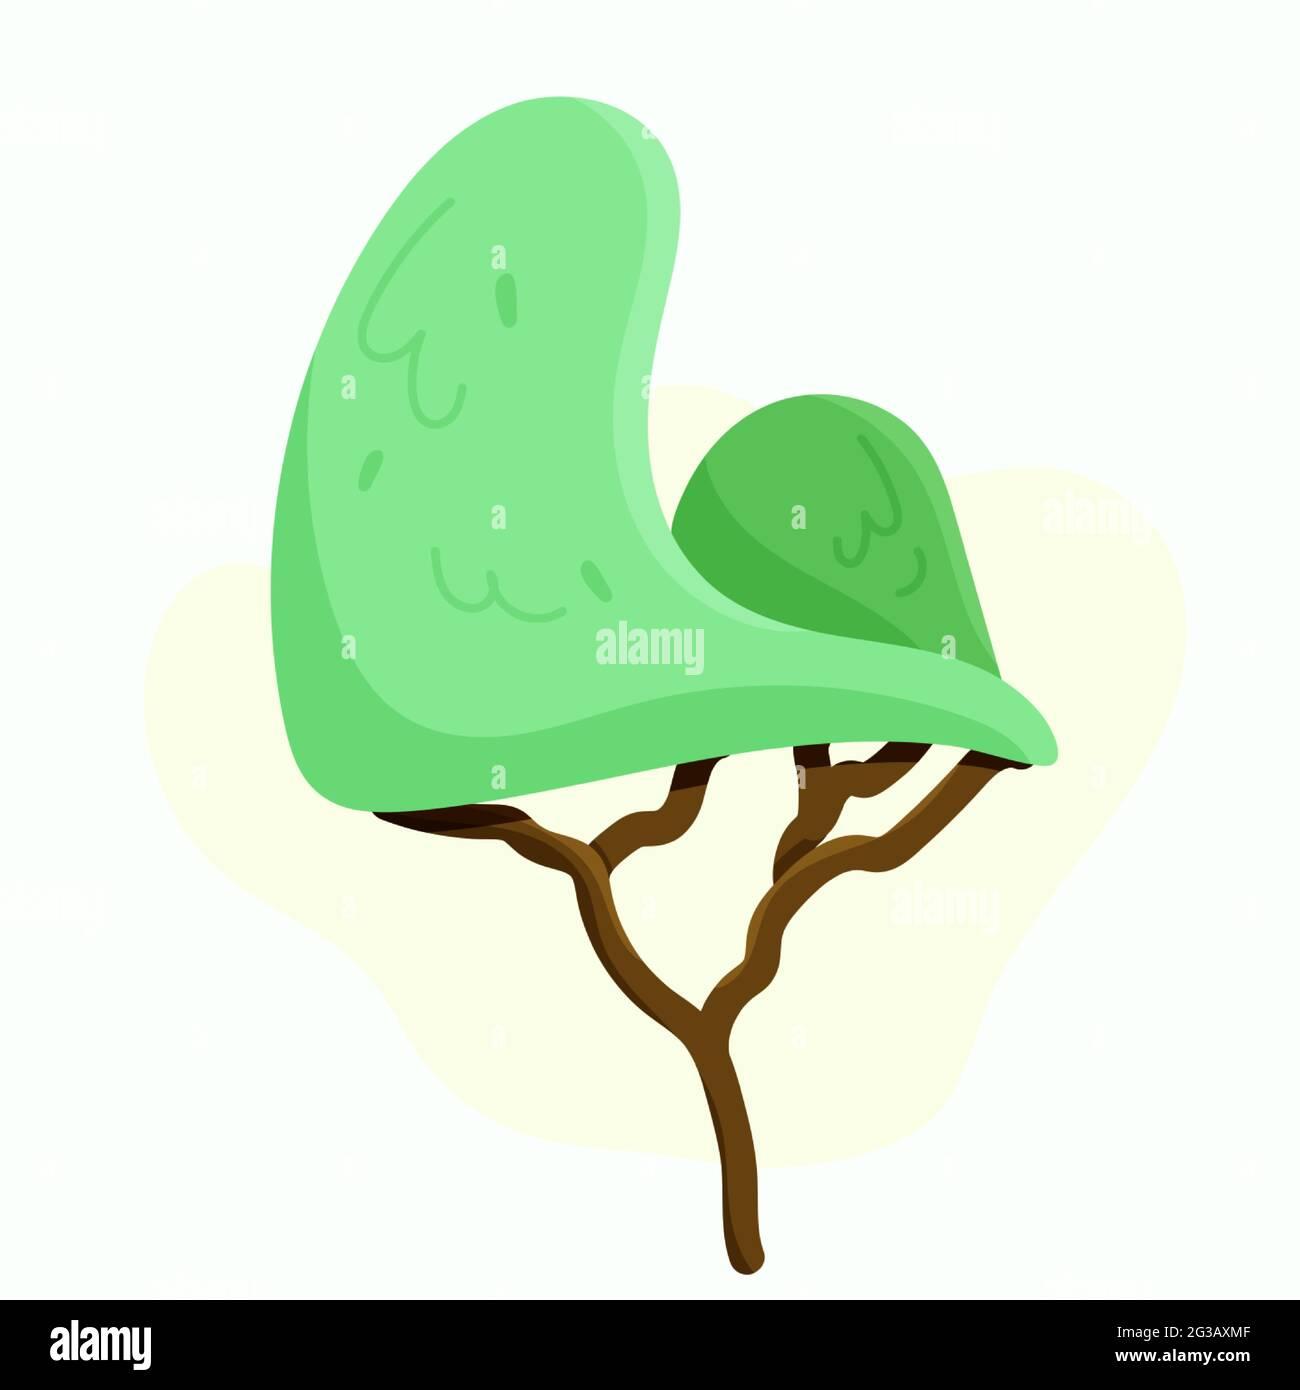 Lindo árbol en estilo de dibujos animados. Ilustración vectorial. Ilustración del Vector